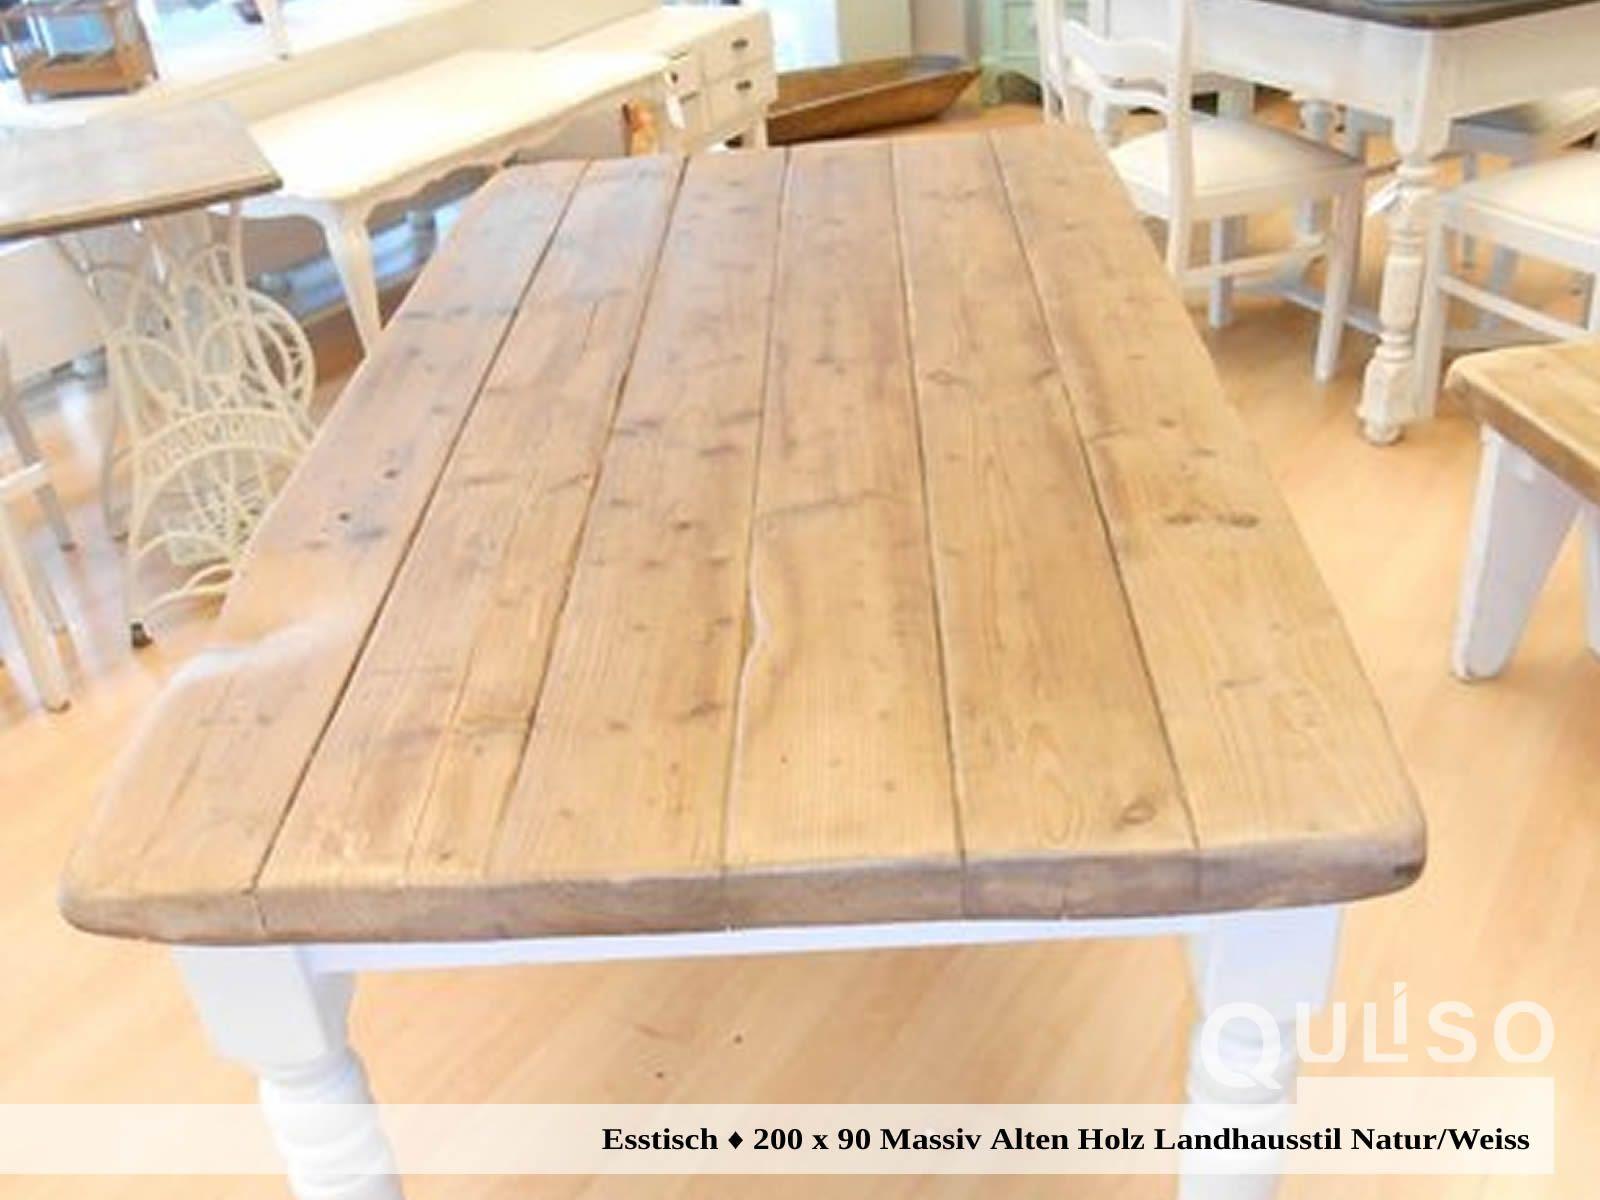 produkt spezifikationen weichholz massiv altholz 100 reclaimed wood 5 bretter 15 cm. Black Bedroom Furniture Sets. Home Design Ideas